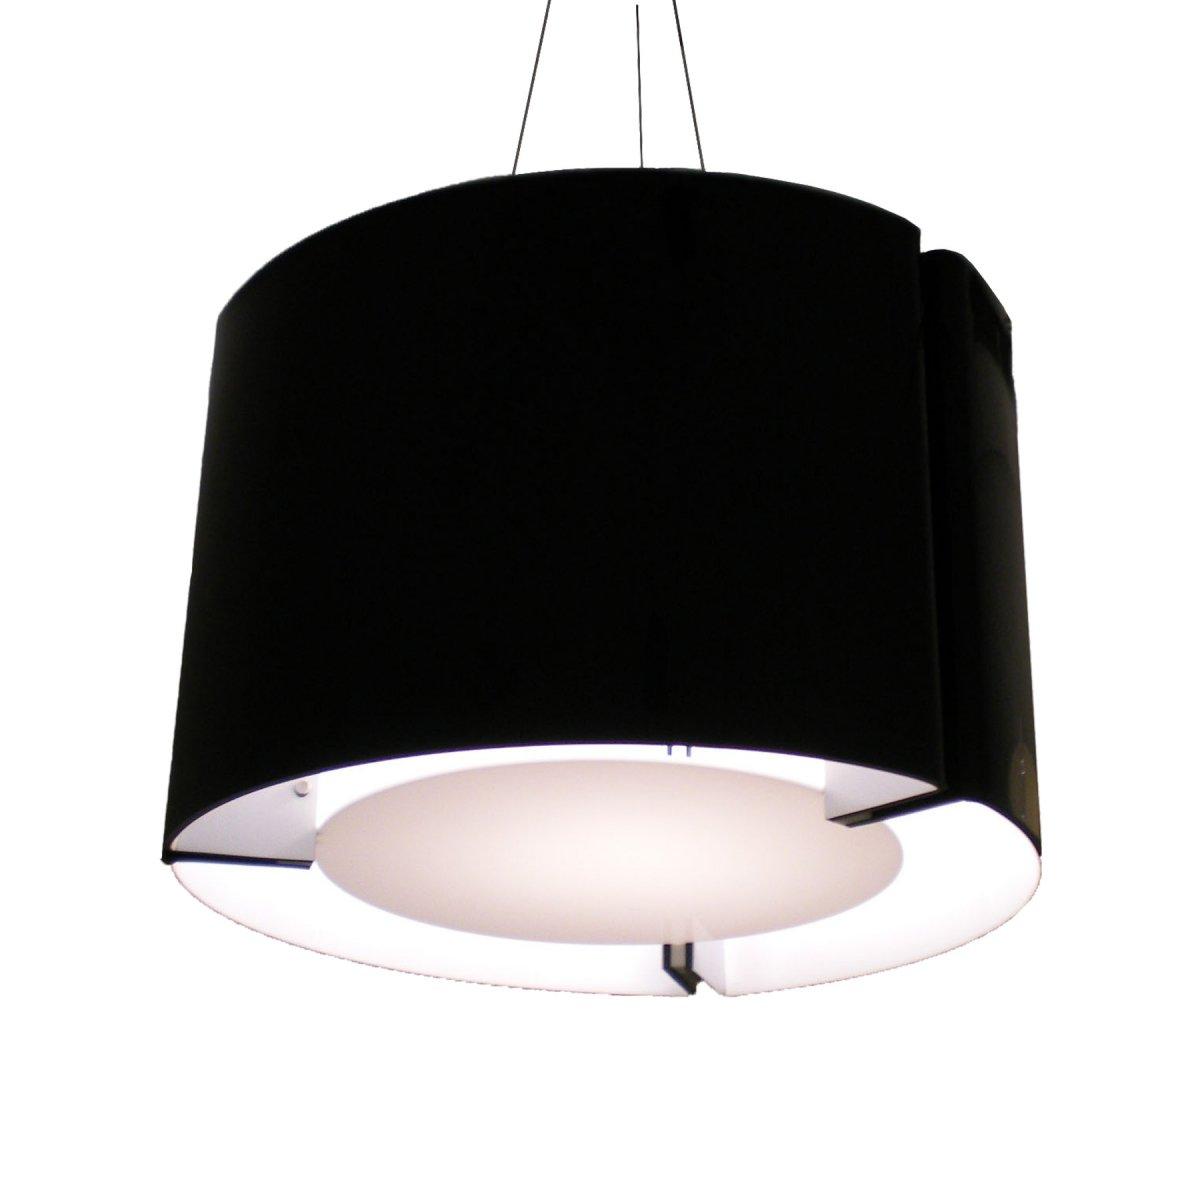 Modernas l mparas colgantes de la lampe - Lamparas colgantes modernas ...